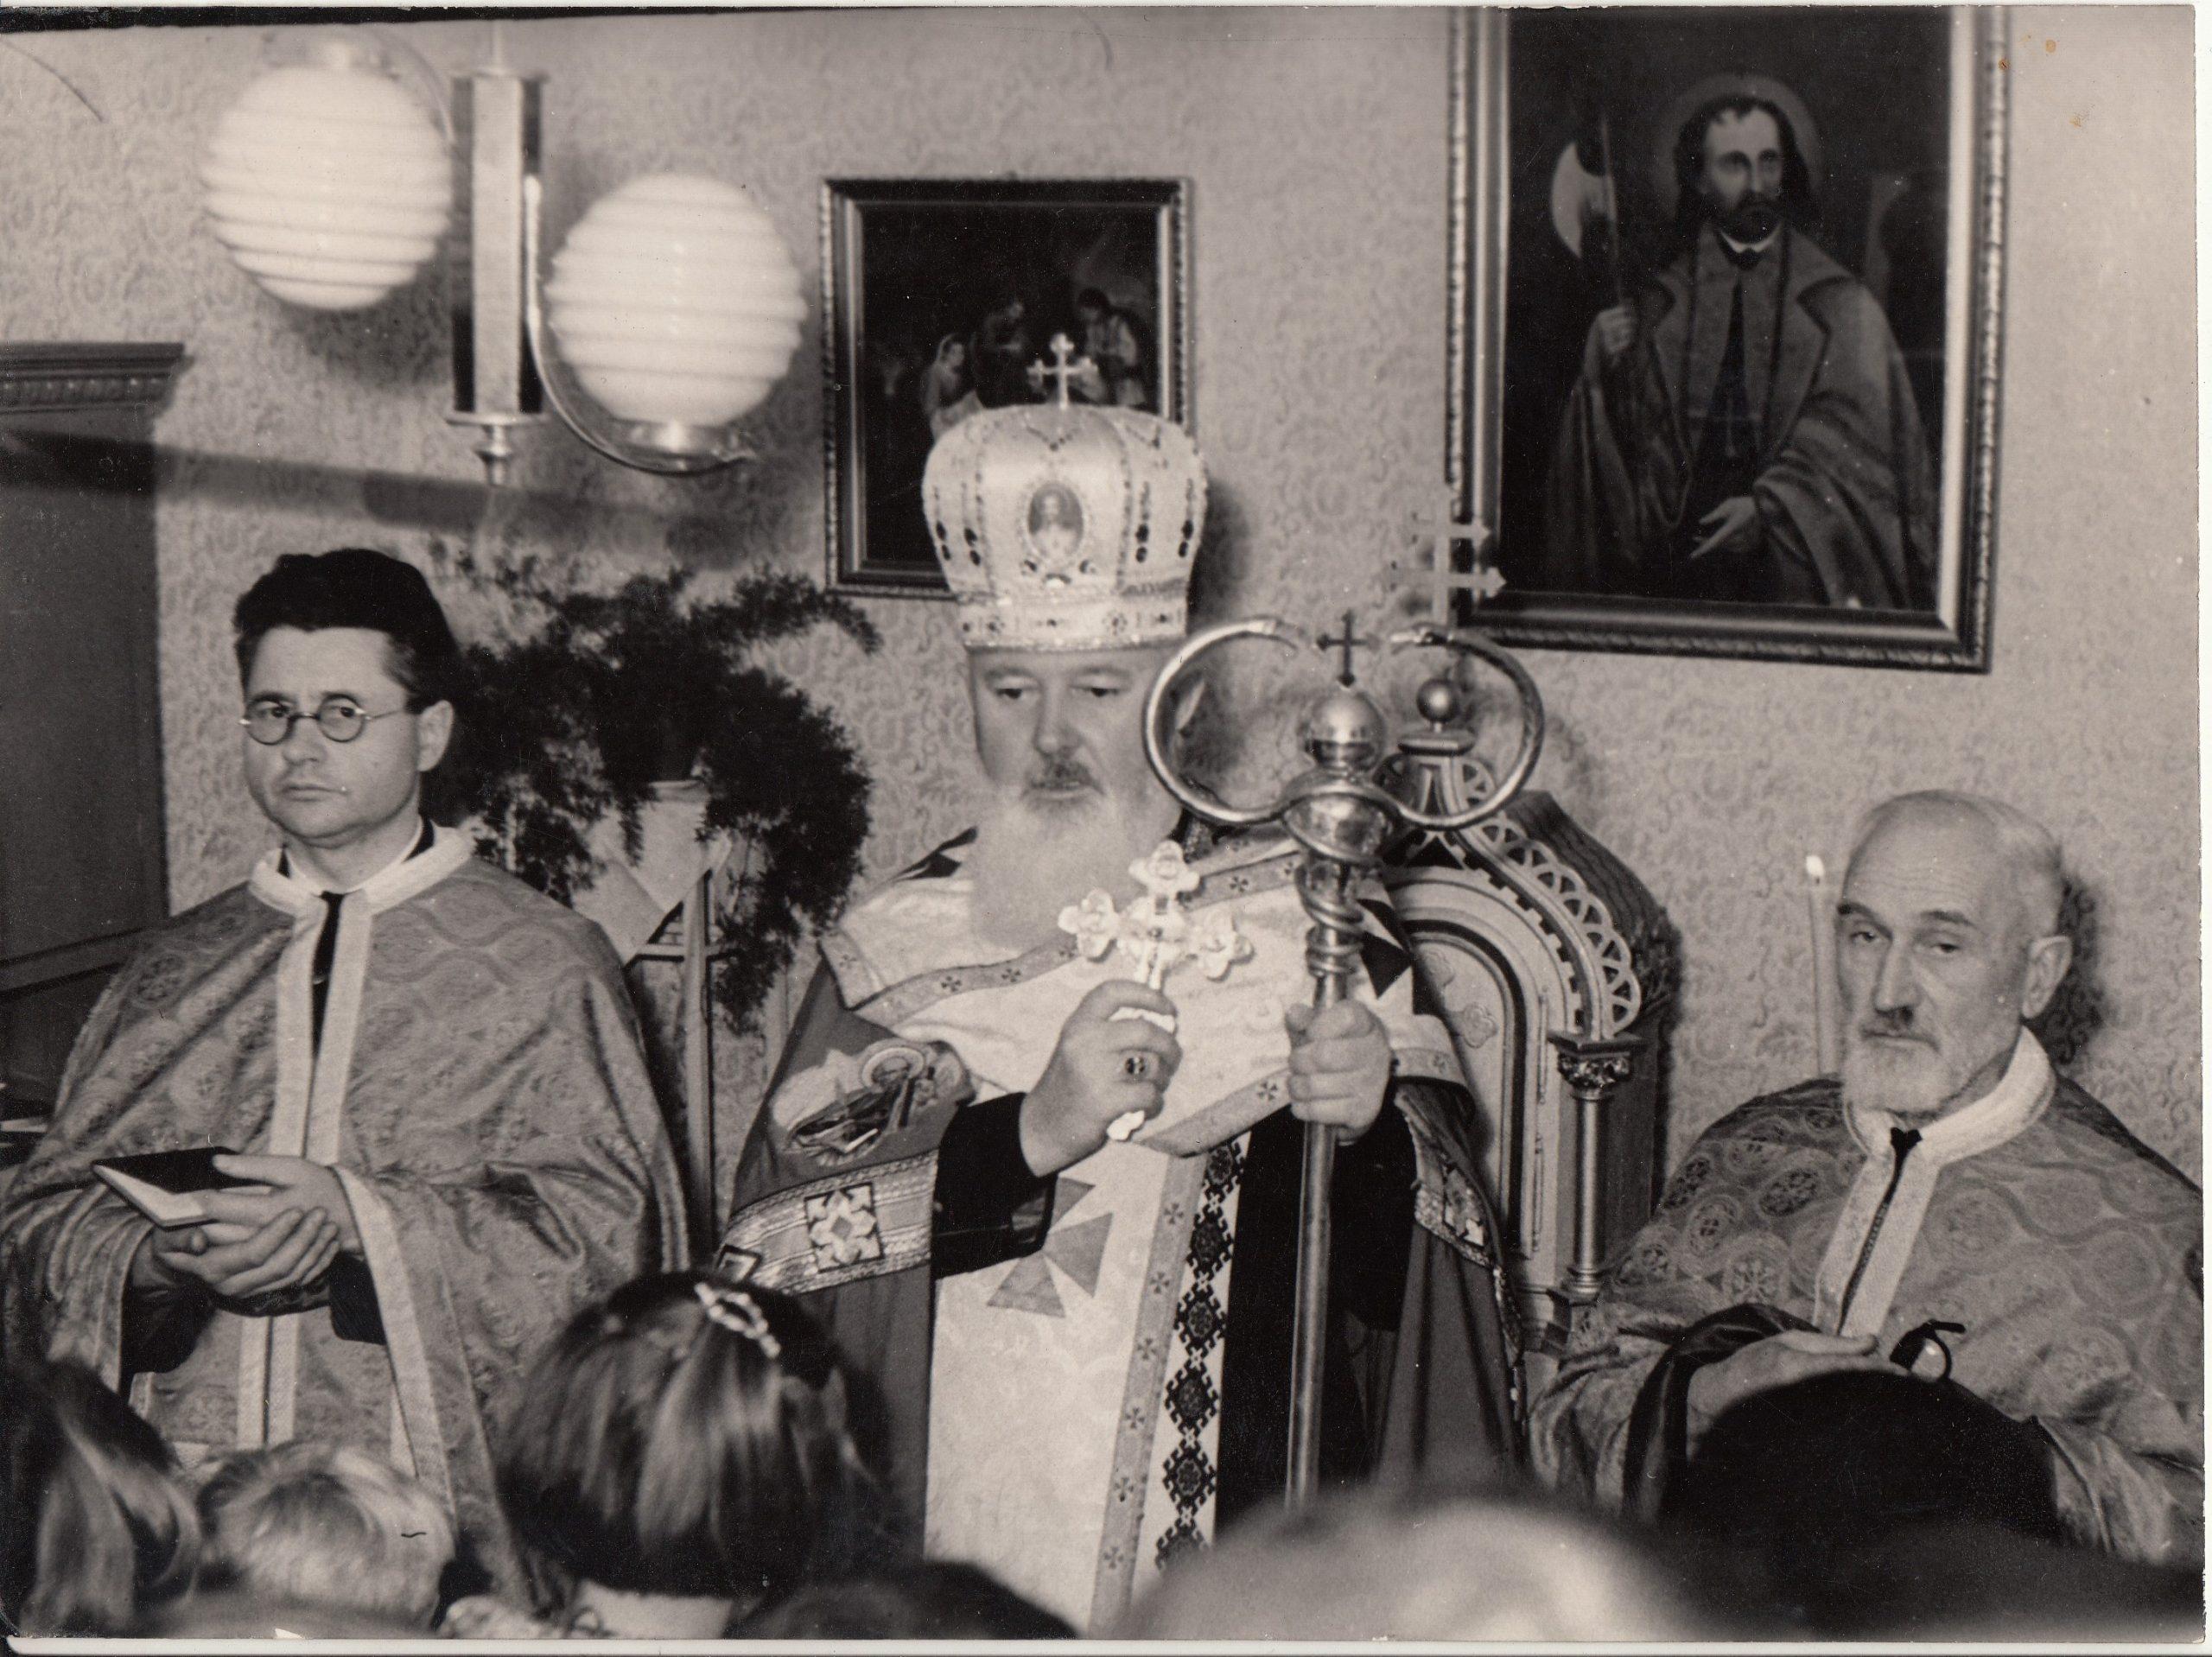 Što se može zaključiti o vremenu od biskupa Gabriela Smičiklasa do biskupa Gabriela Bukatka